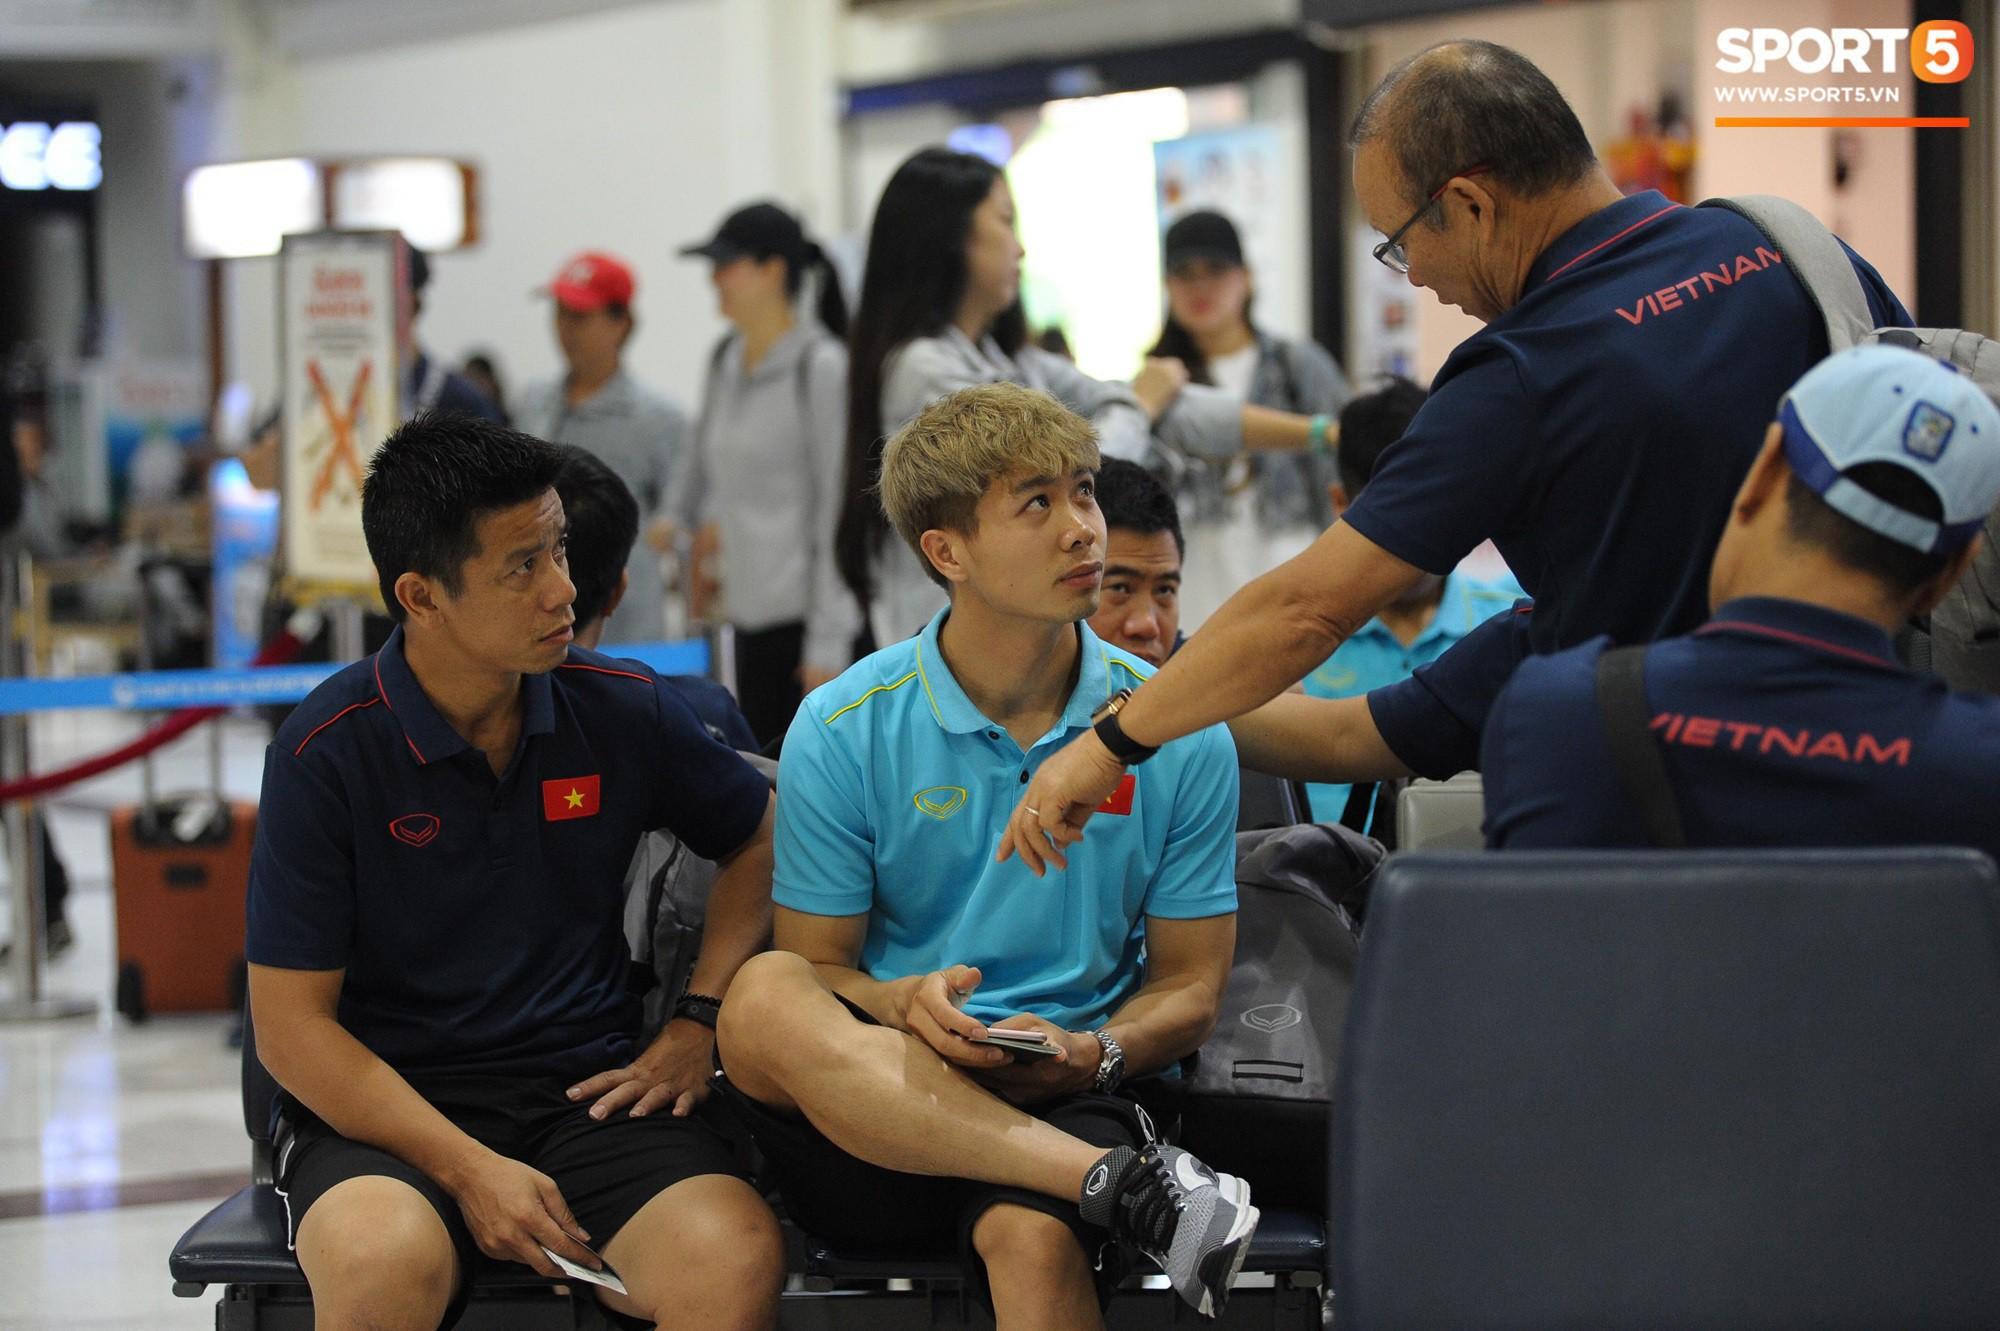 """Hậu King's Cup, HLV Park Hang-seo phải vào viện kiểm tra sức khoẻ nhưng vẫn """"ghi điểm"""" chỉ nhờ hành động nhỏ này! - Ảnh 2."""